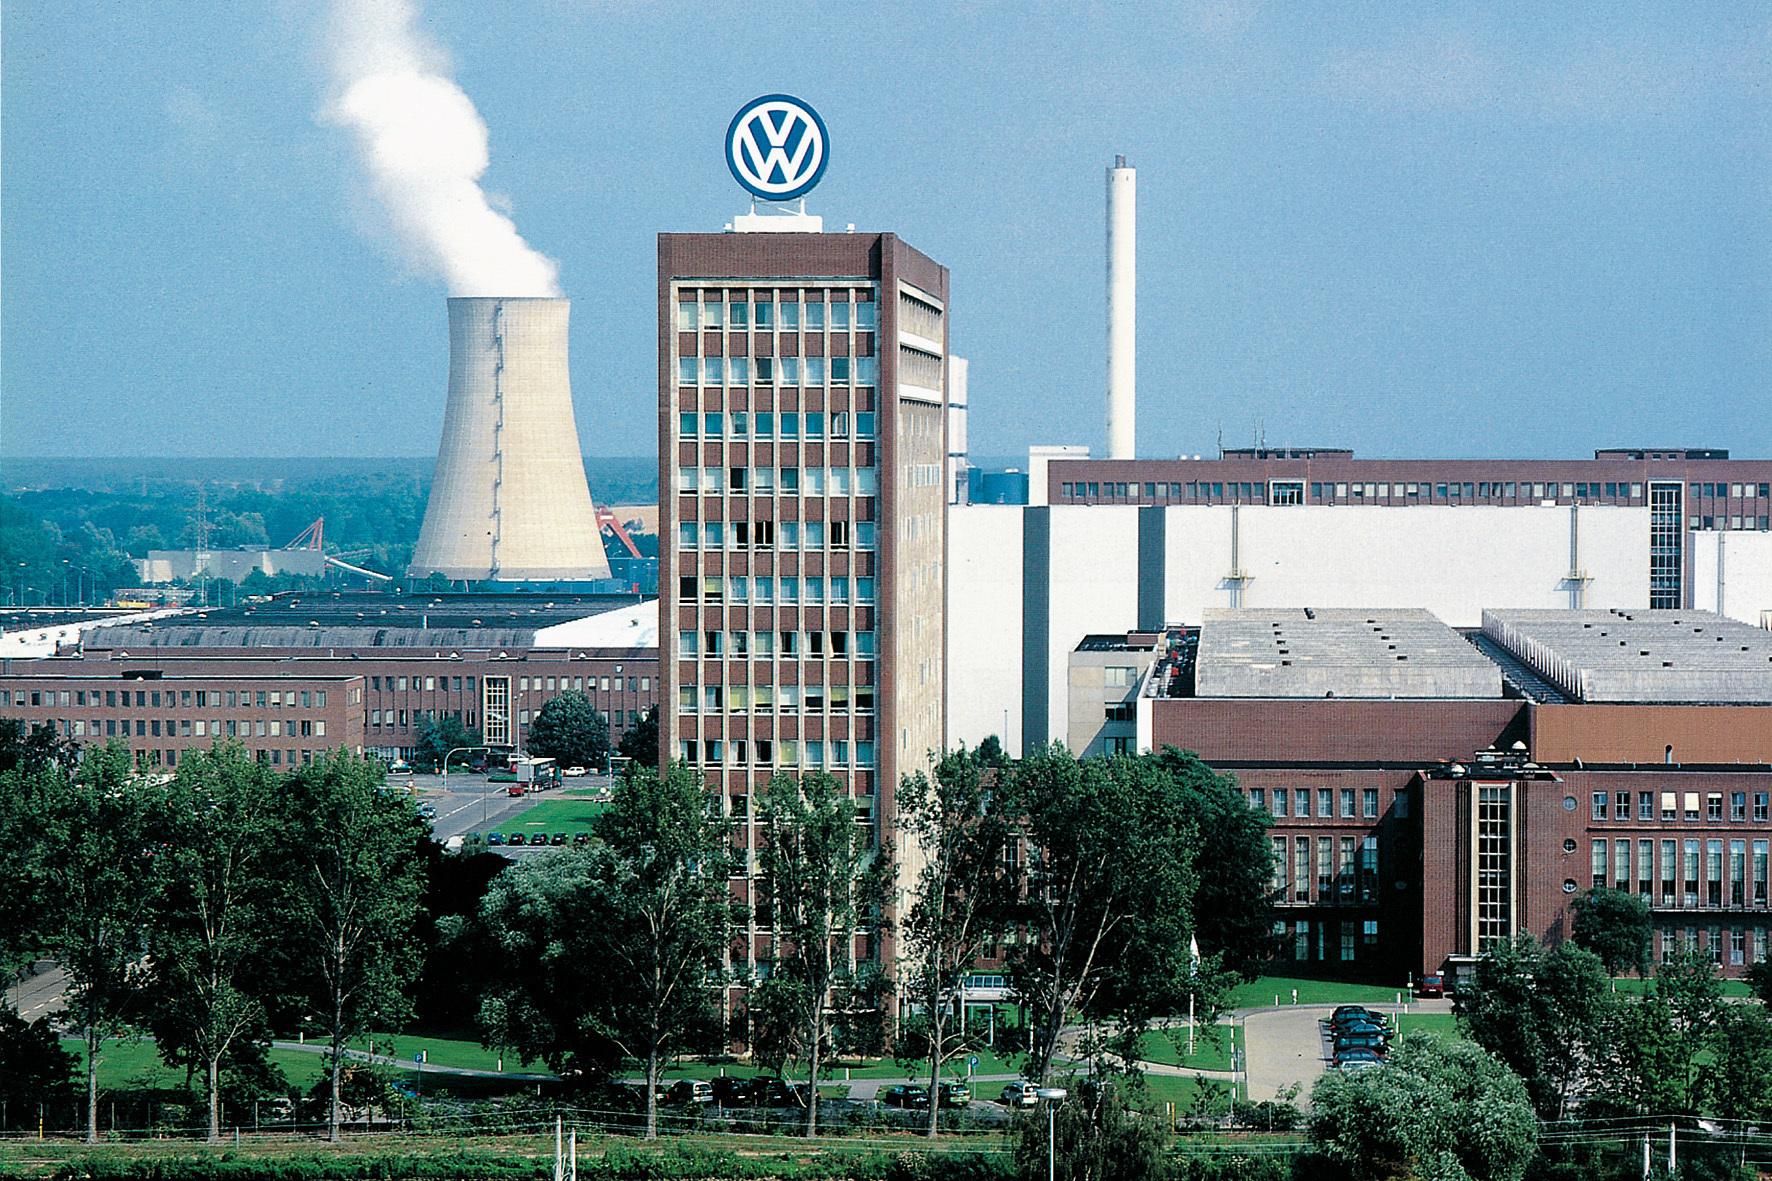 mid Düsseldorf - Volldampf bei der Autoproduktion: Im August 2015 wurden in Deutschland 226.300 Pkw neu zugelassen und damit 6,0 Prozent mehr als im Vorjahresmonat.